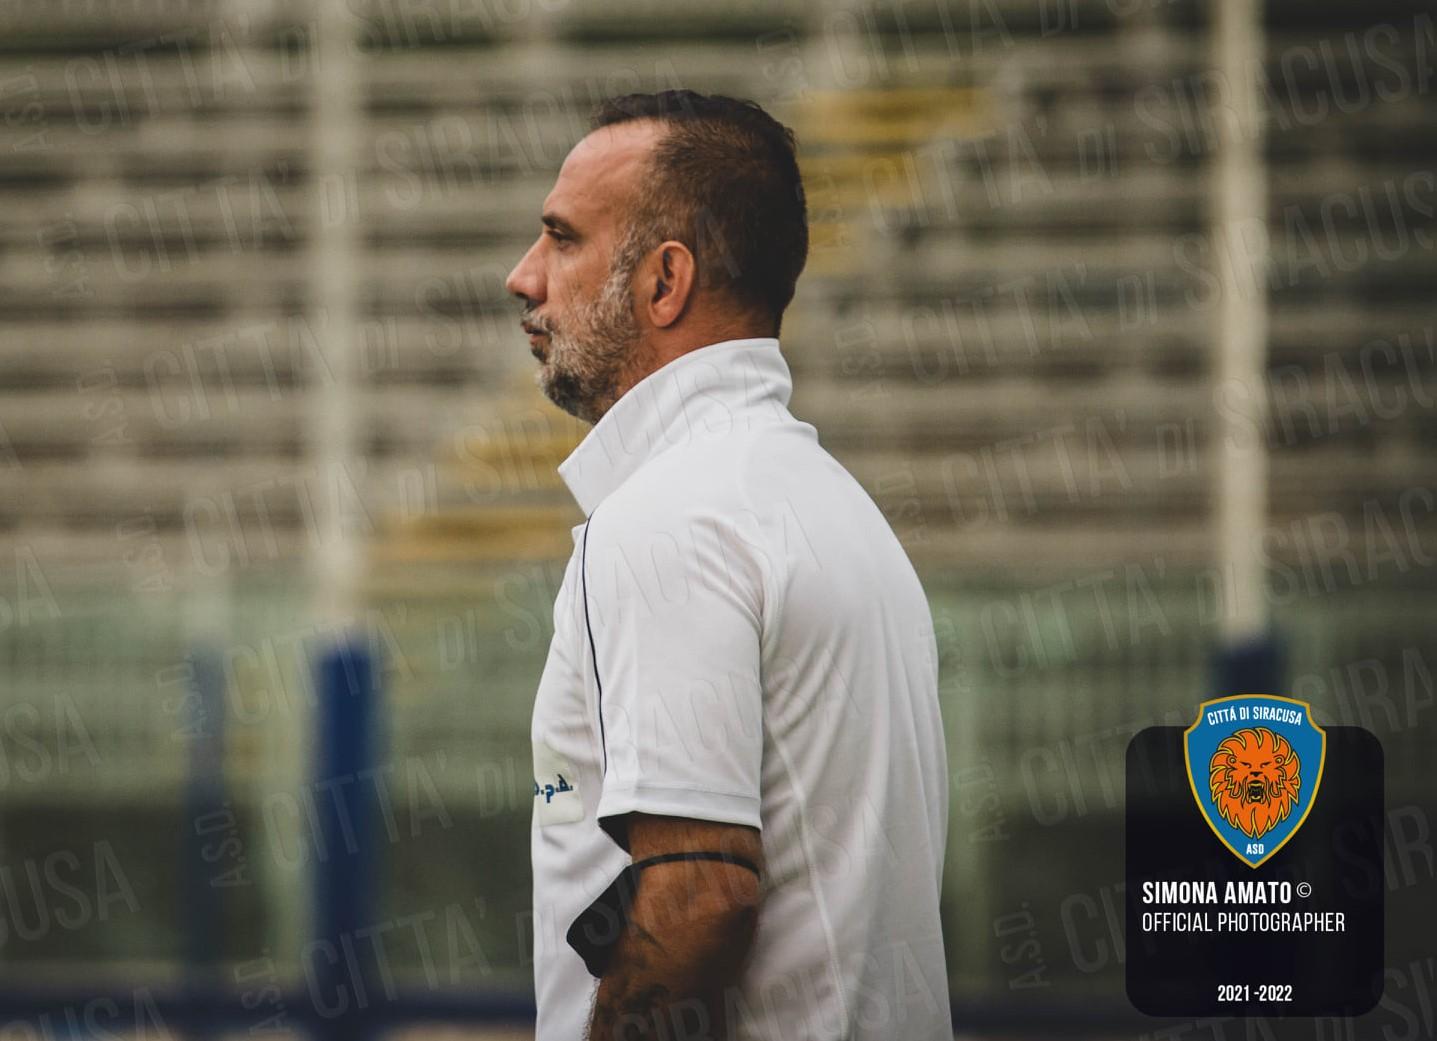 Calcio, Siracusa bloccato in casa dal Santa Croce, mister Mascara: cinque minuti di follia